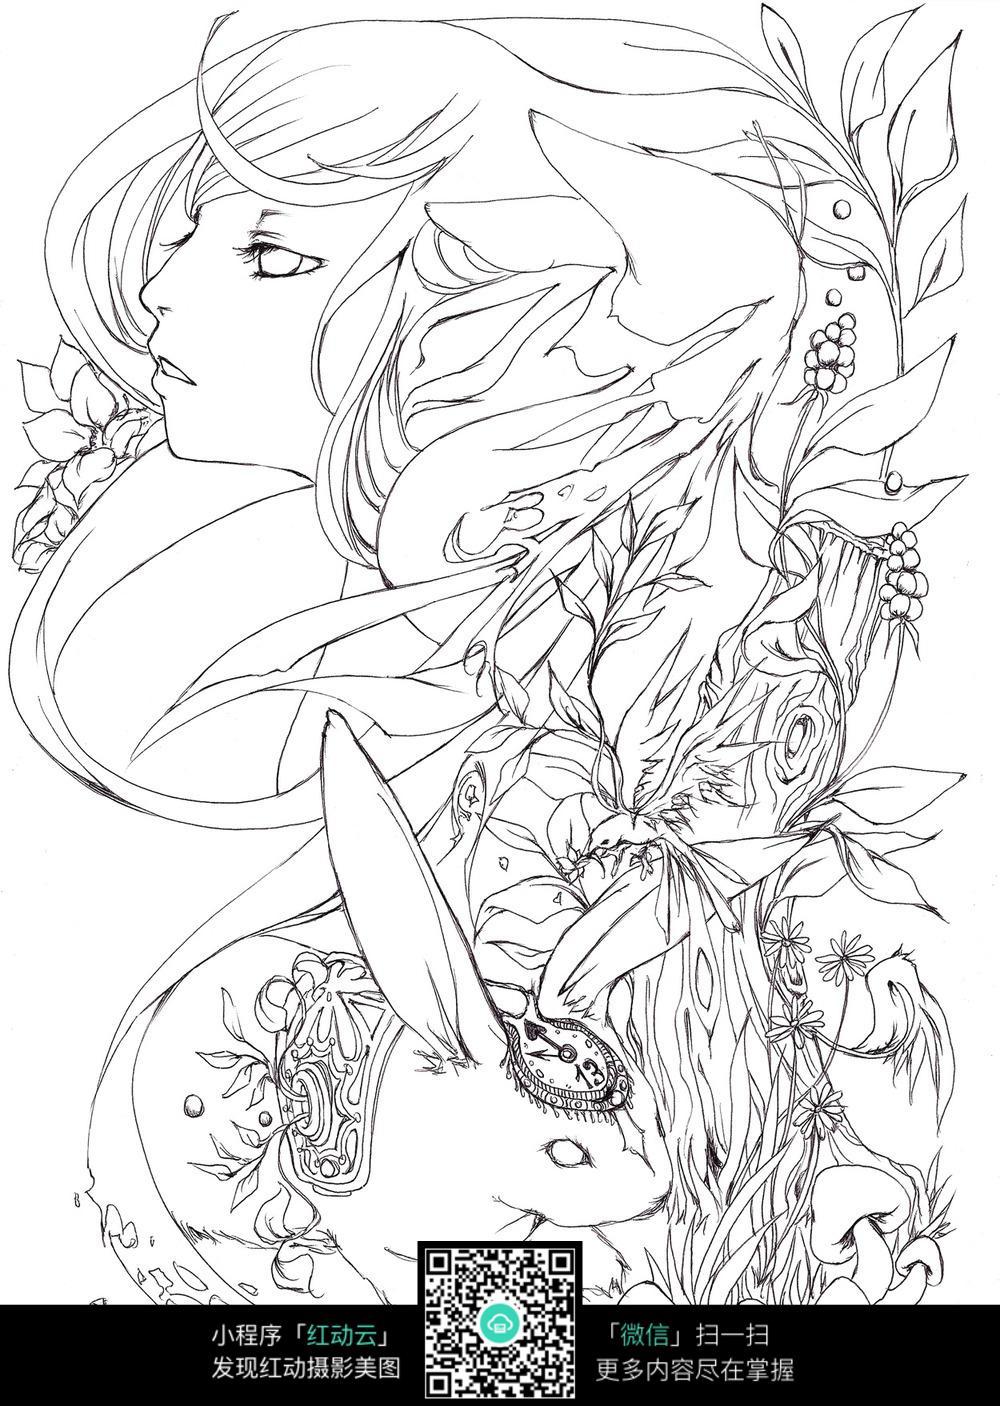 手绘少女兔子插画_人物卡通图片